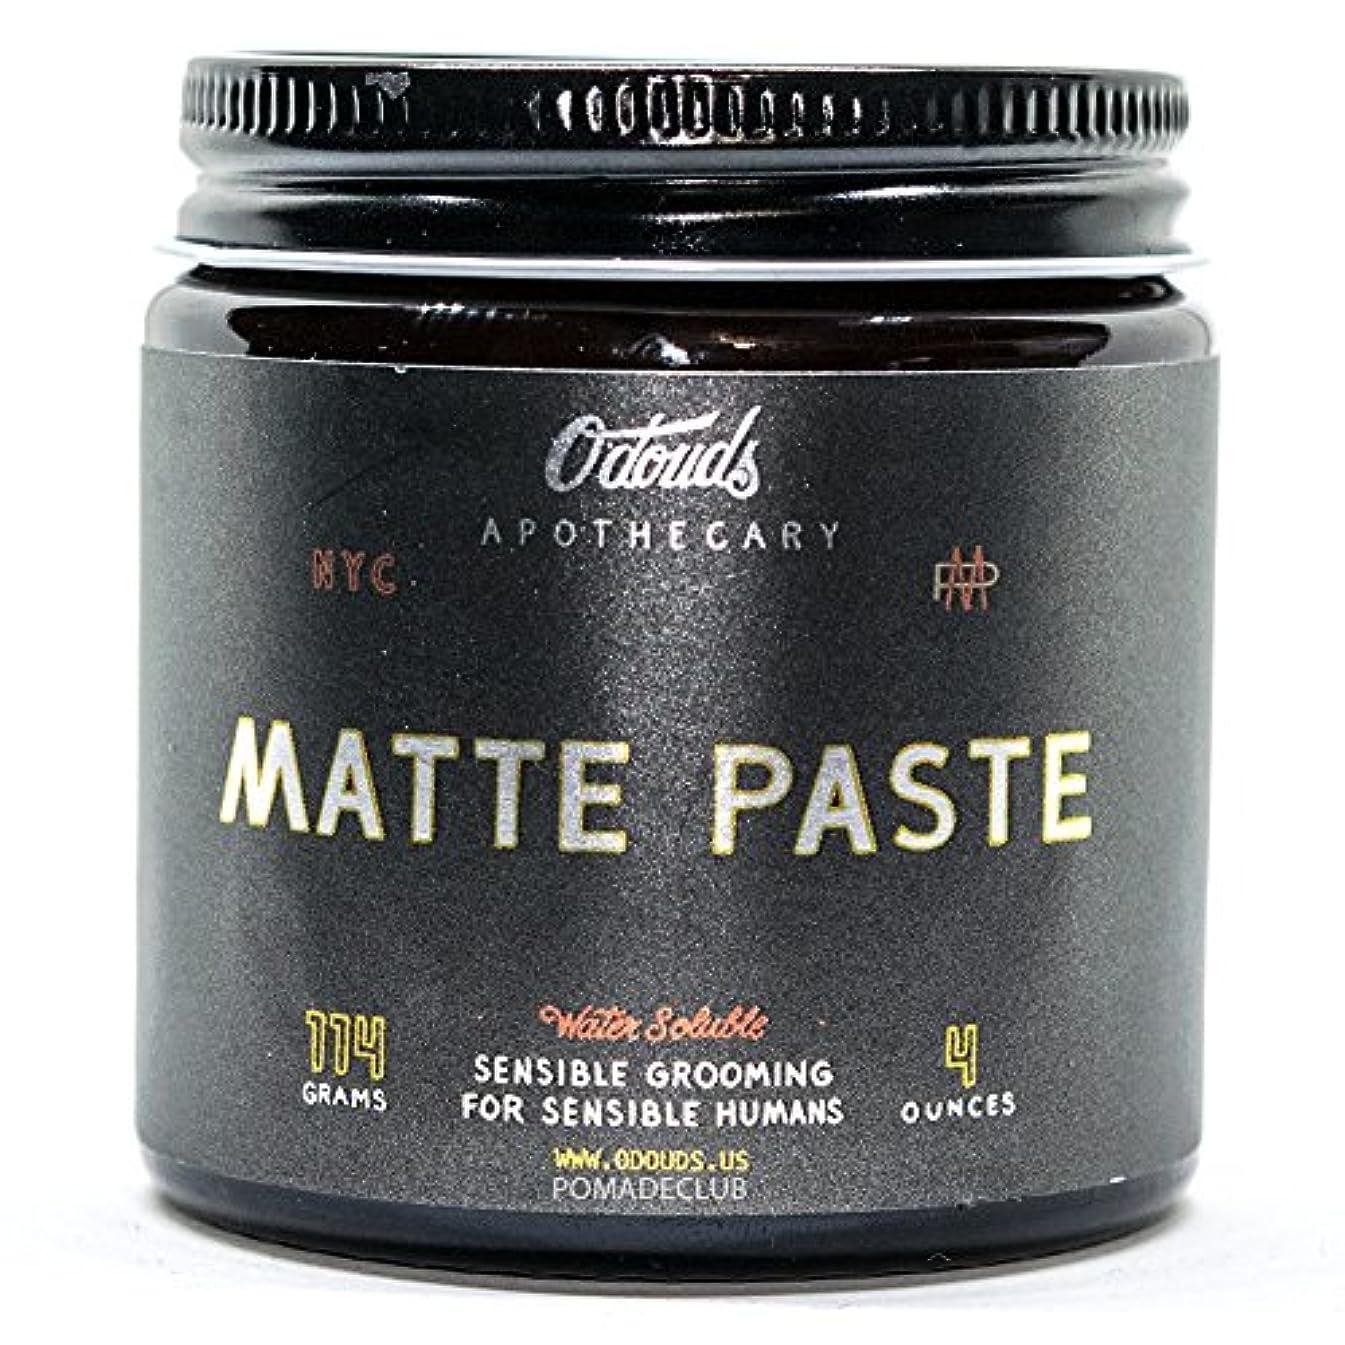 ファウル二十連続的O'Douds (オダウズ) マットペースト MATTE PASTE メンズ 整髪料 水性 ポマード ヘアグリース ヘアワックス クリームタイプ ツヤなし ストロングホールド ヴィーガン